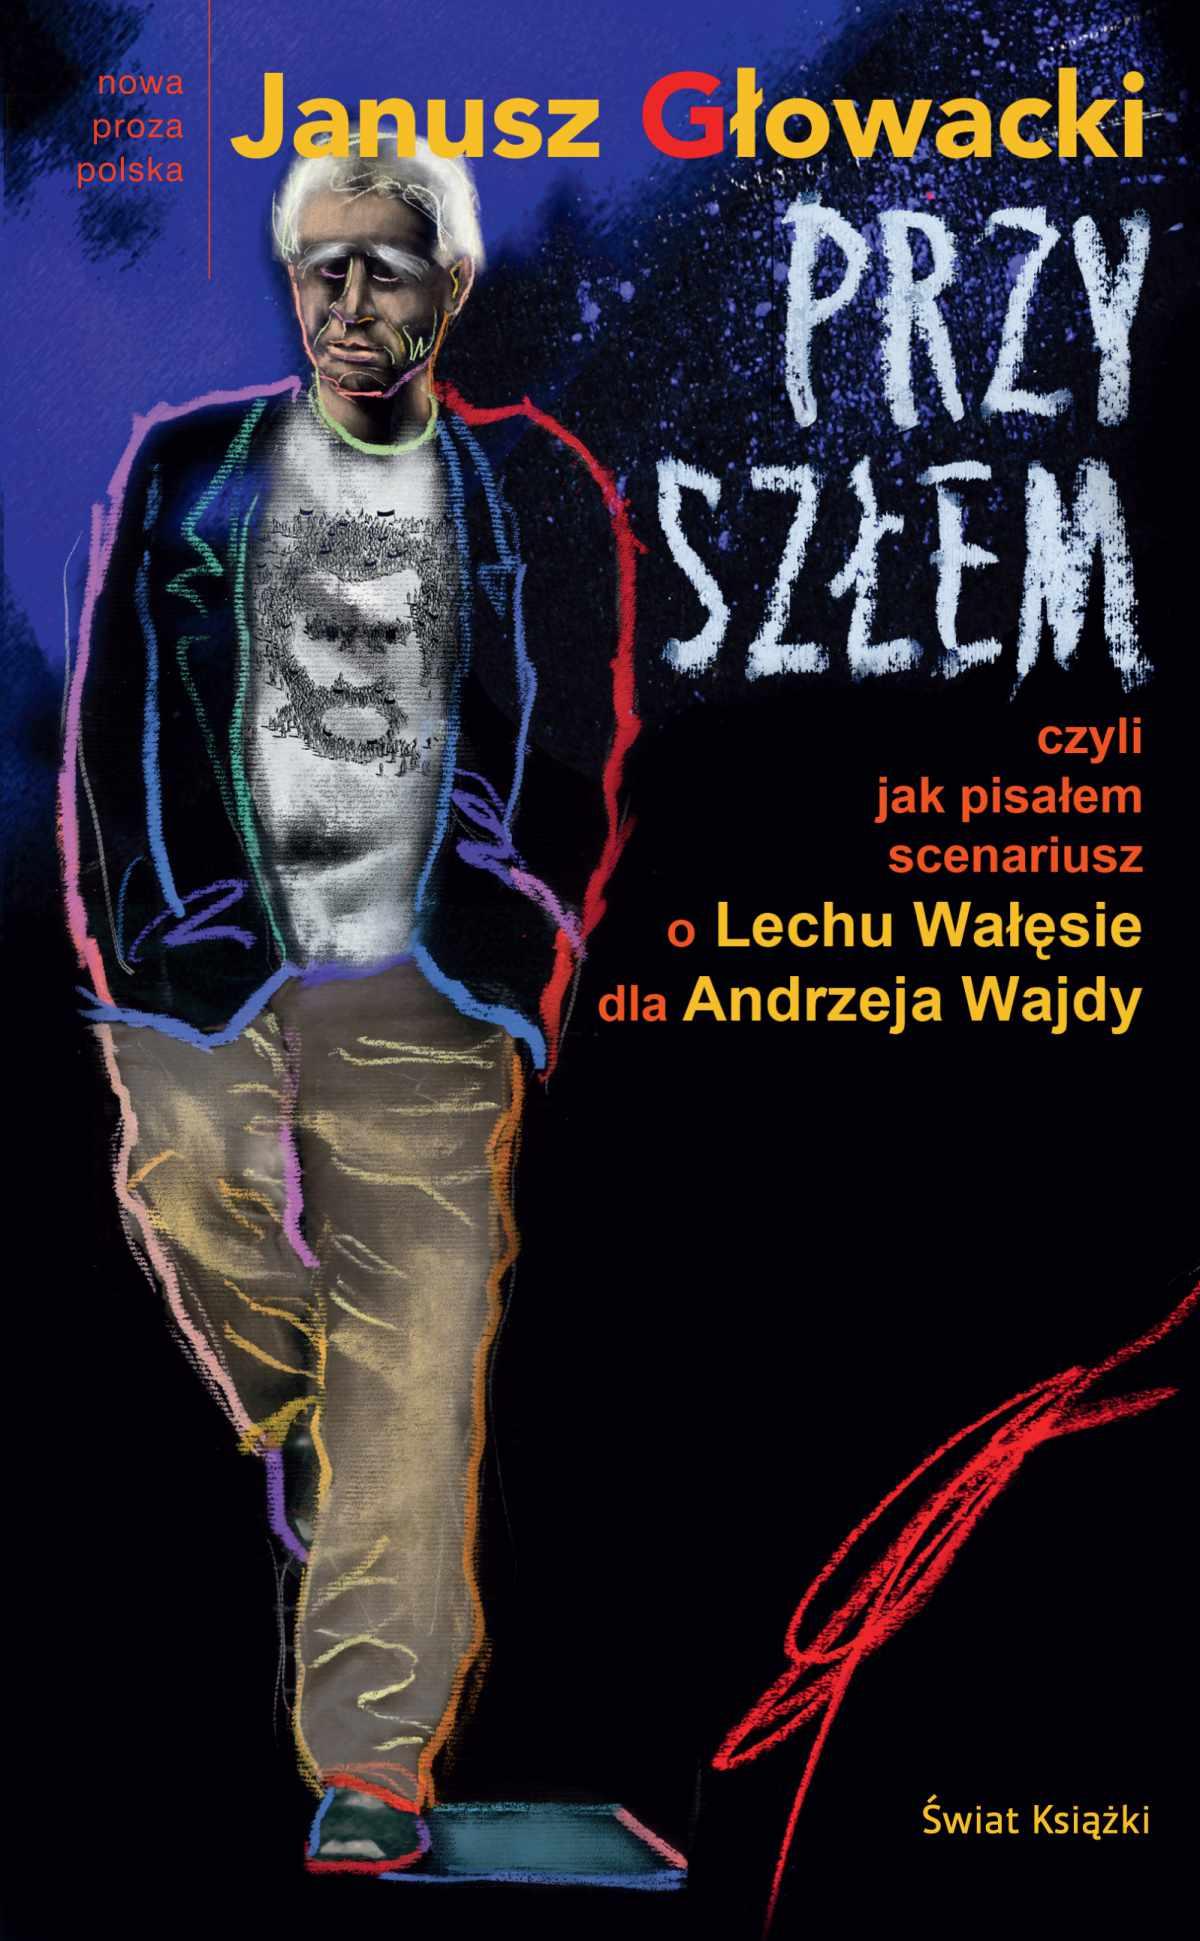 Przyszłem czyli jak pisałem scenariusz o Lechu Wałęsie dla Andrzeja Wajdy - Ebook (Książka na Kindle) do pobrania w formacie MOBI